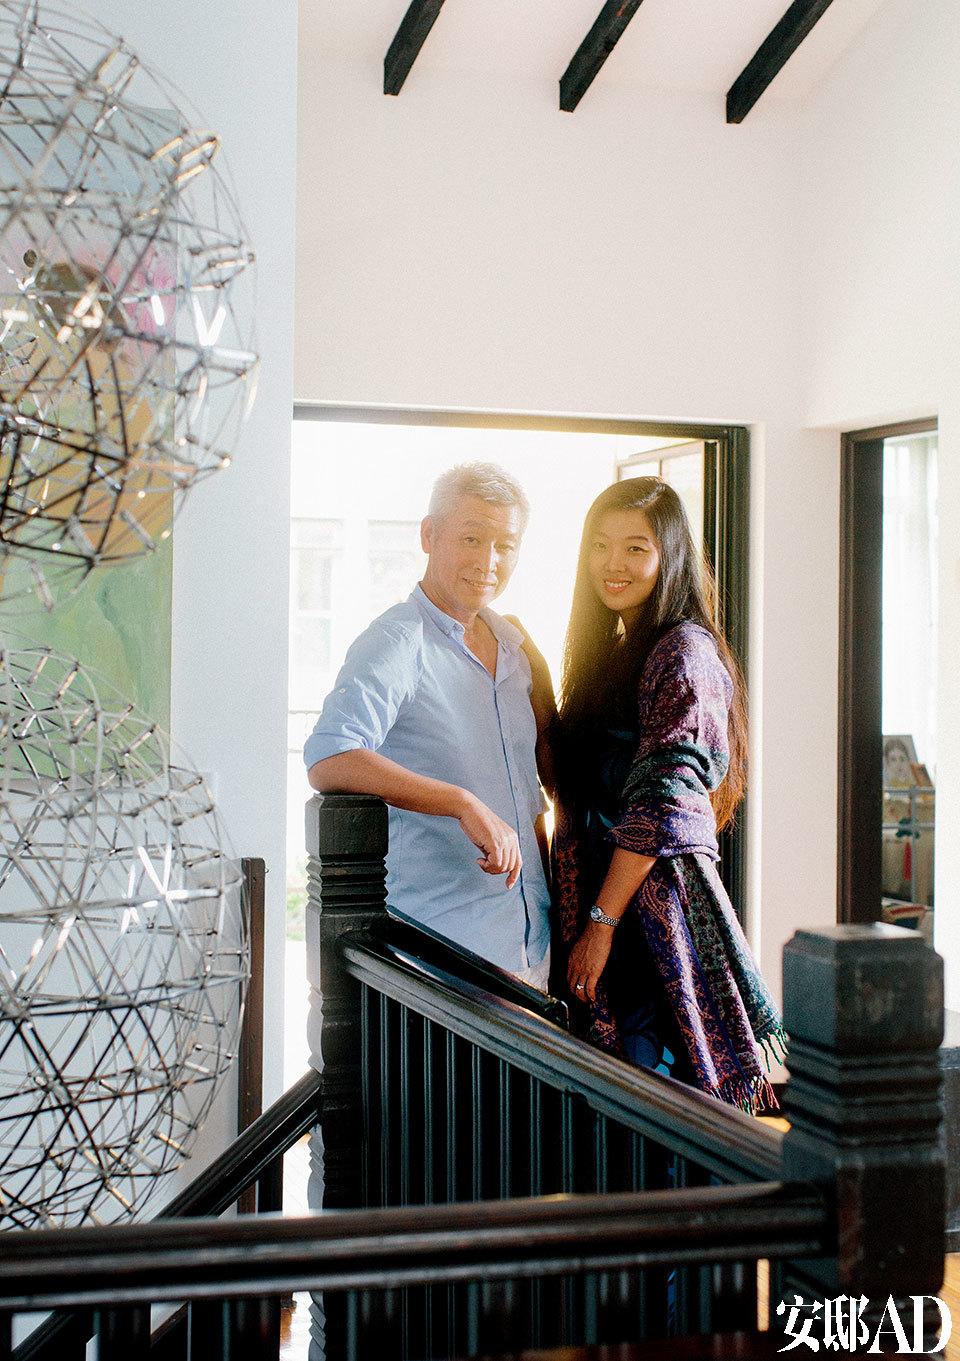 主人:李光程,从事国际航运工作,曾在英国工作多年,后回到上海为所属公司创办中国代表处,从此爱上了上海的老洋房,并选择在这样的建筑里安家。最近他和太太晓思共同完成了家里的二度装修。